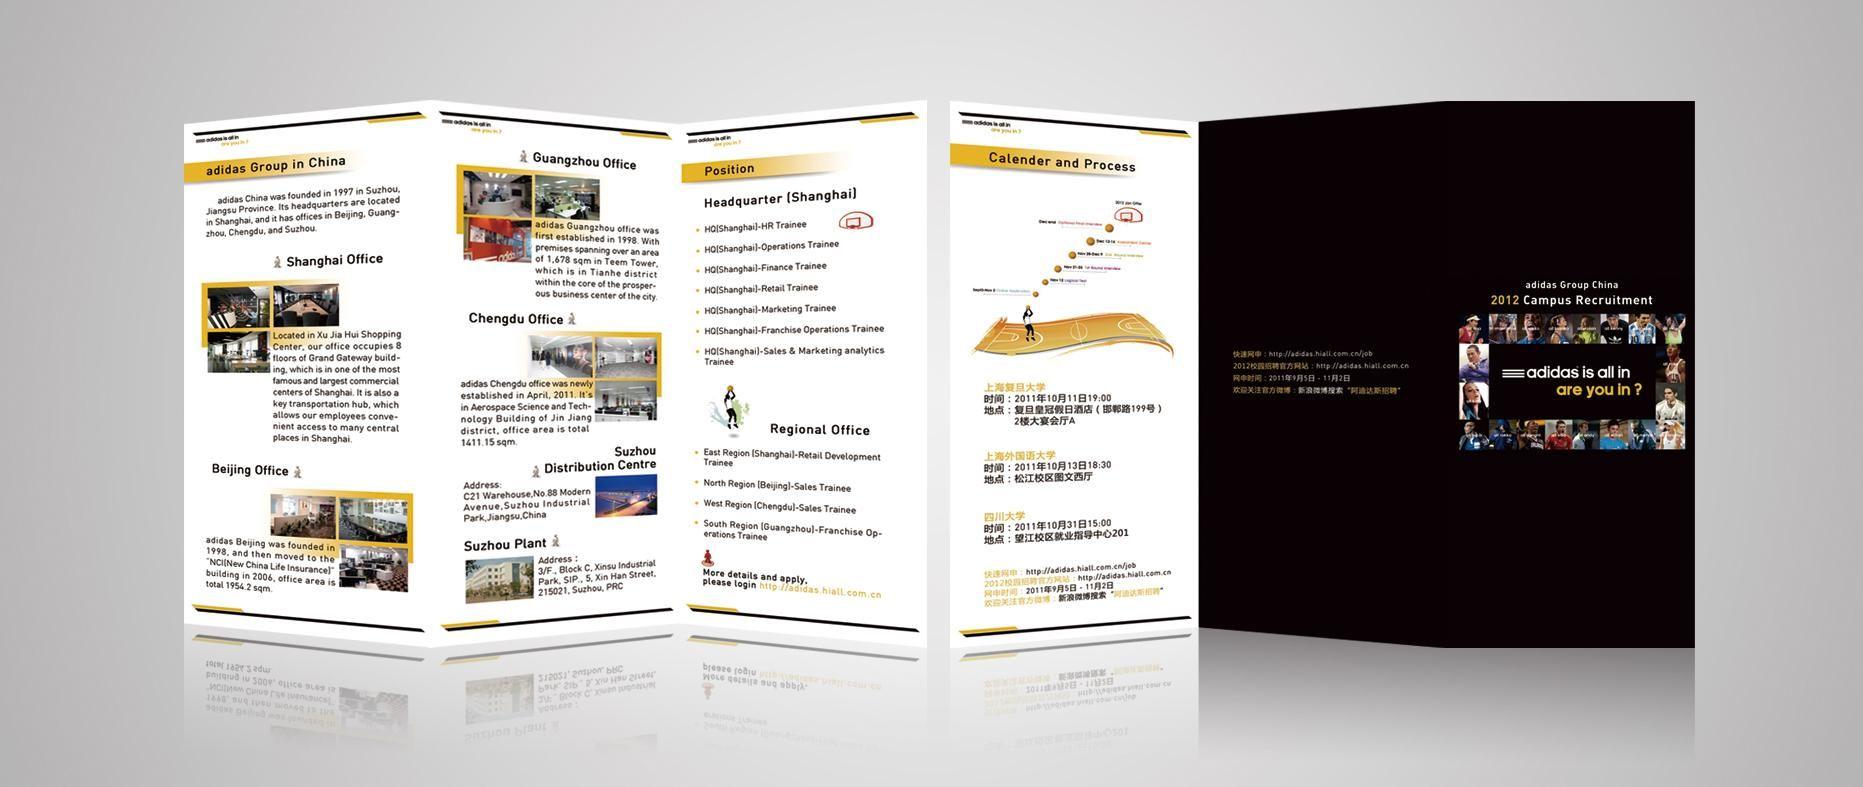 三折页效果图-流程图案例图片 设计师念念0518设计工作室的空间 红动